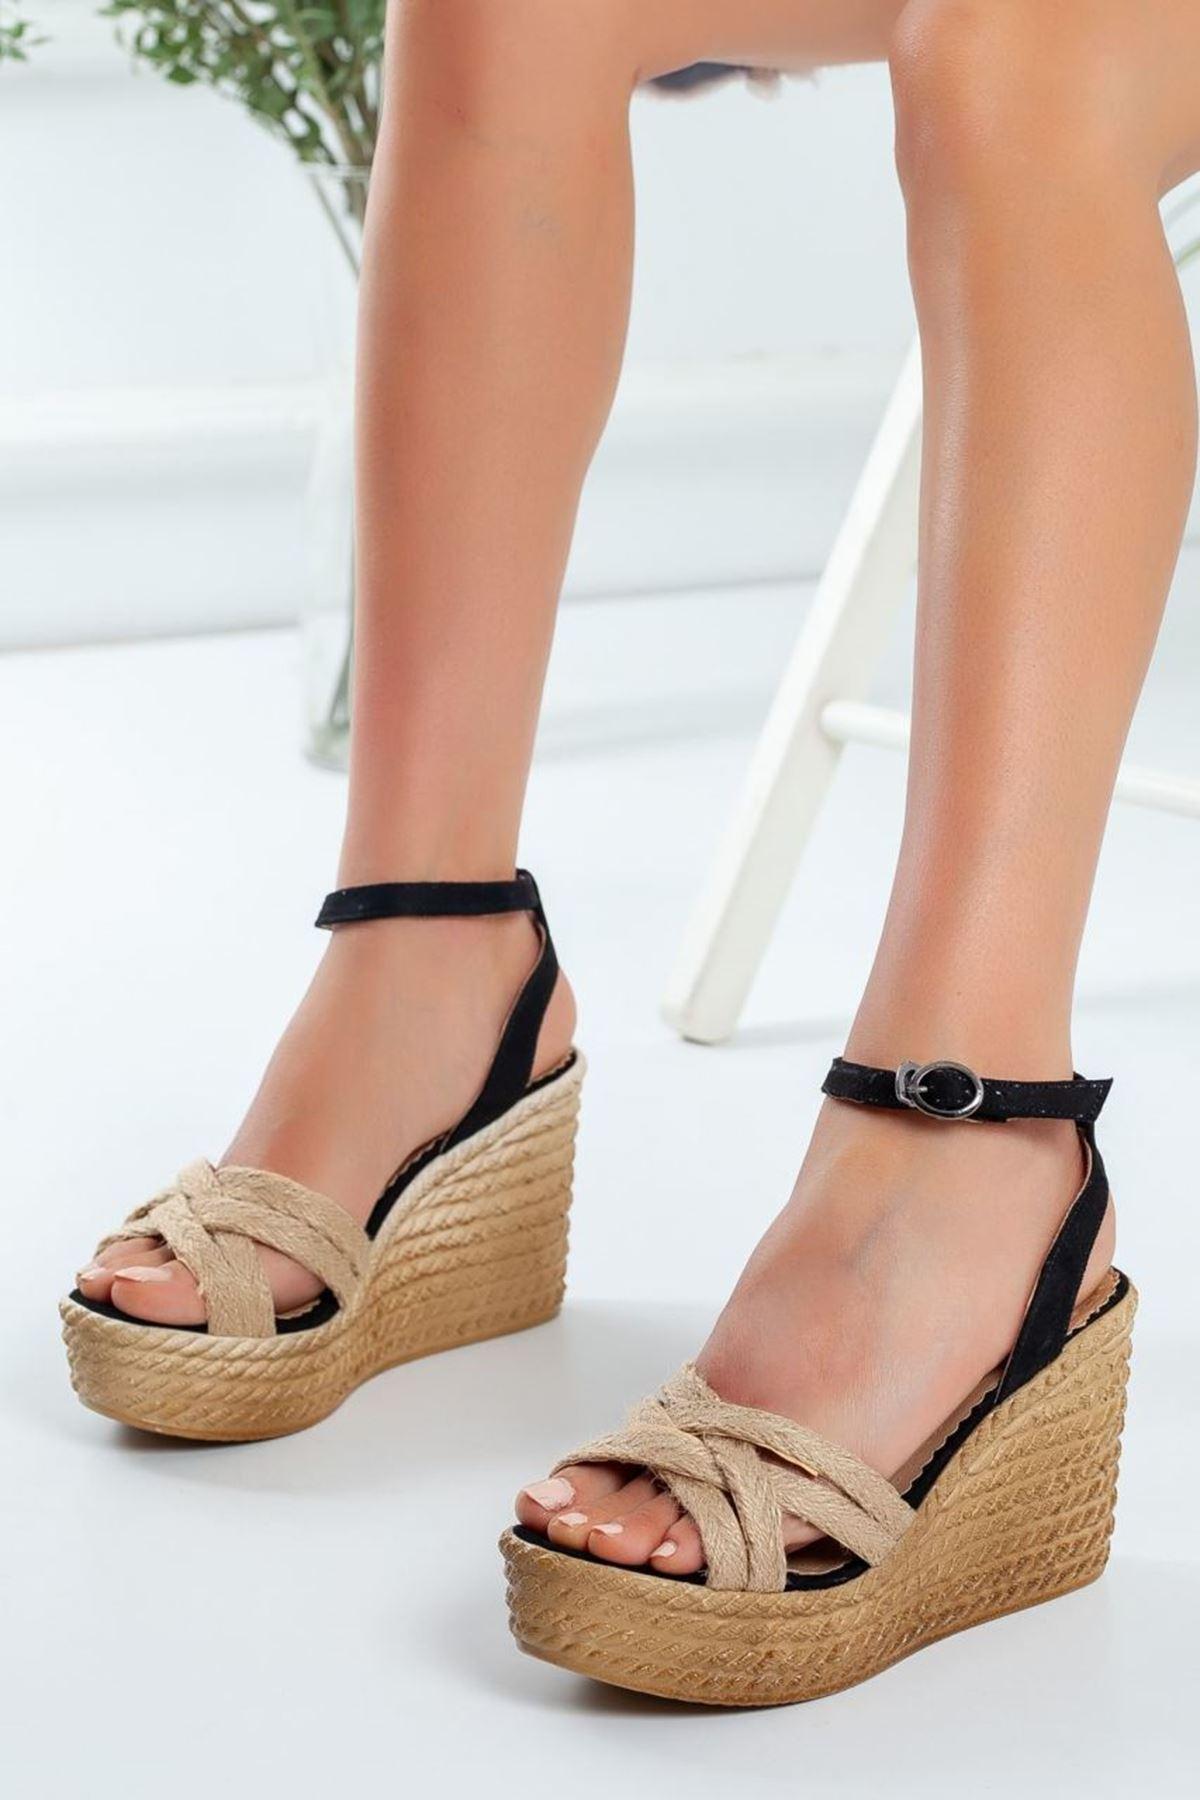 Kadın Oggi Dolgu Taban Ayakkabı Siyah Hasır